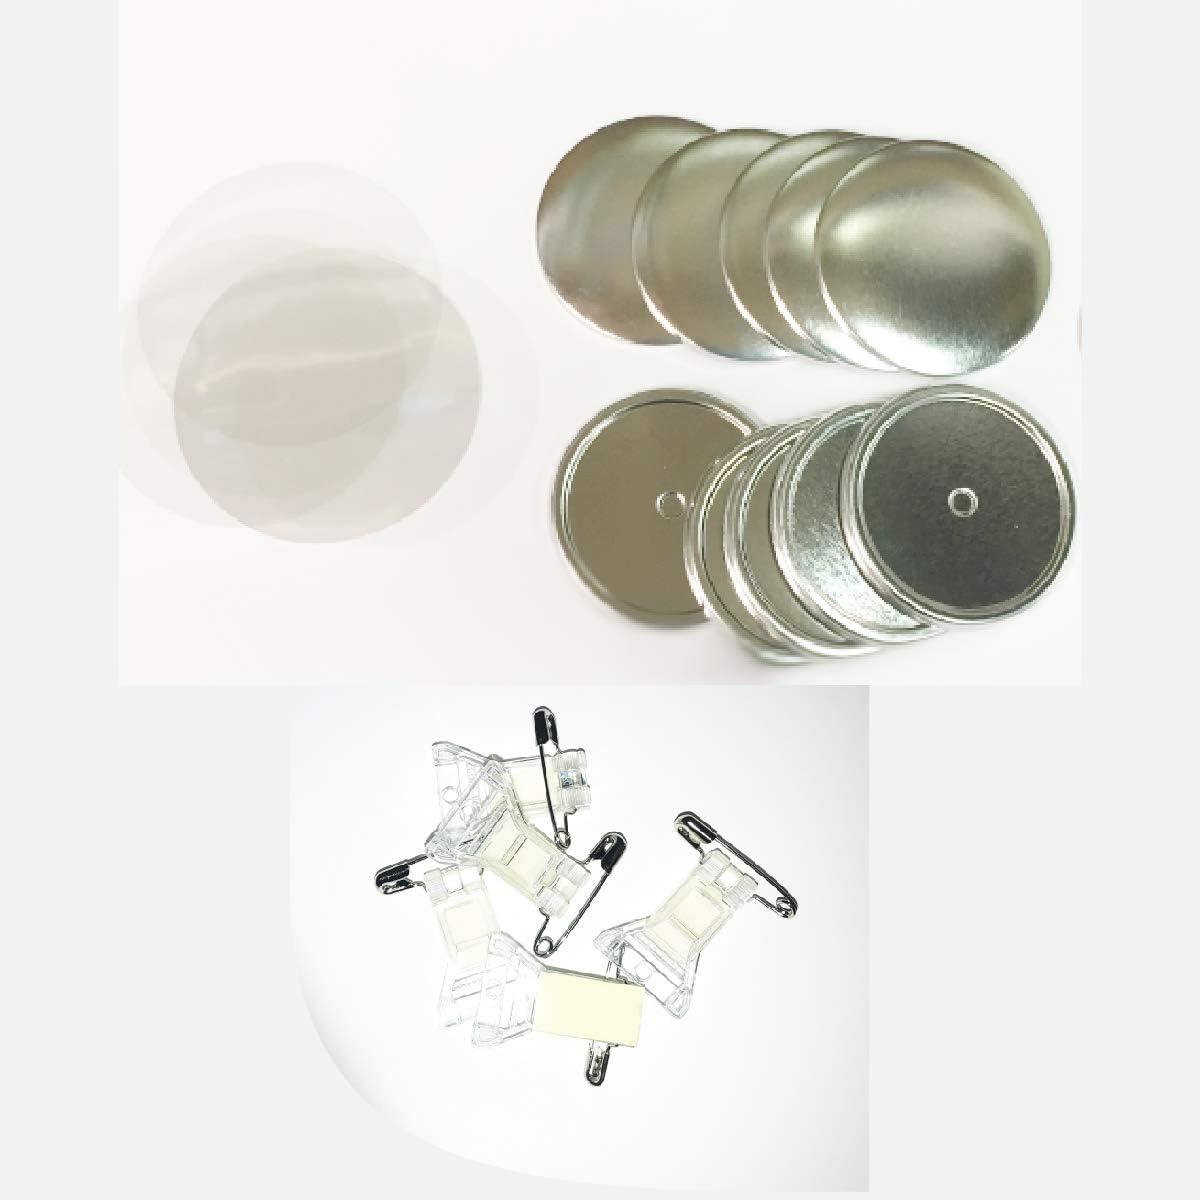 【スタンド】缶 バッジ マシン パーツ 56mm スタンド セット(ニプリ) (大容量1000個セット)